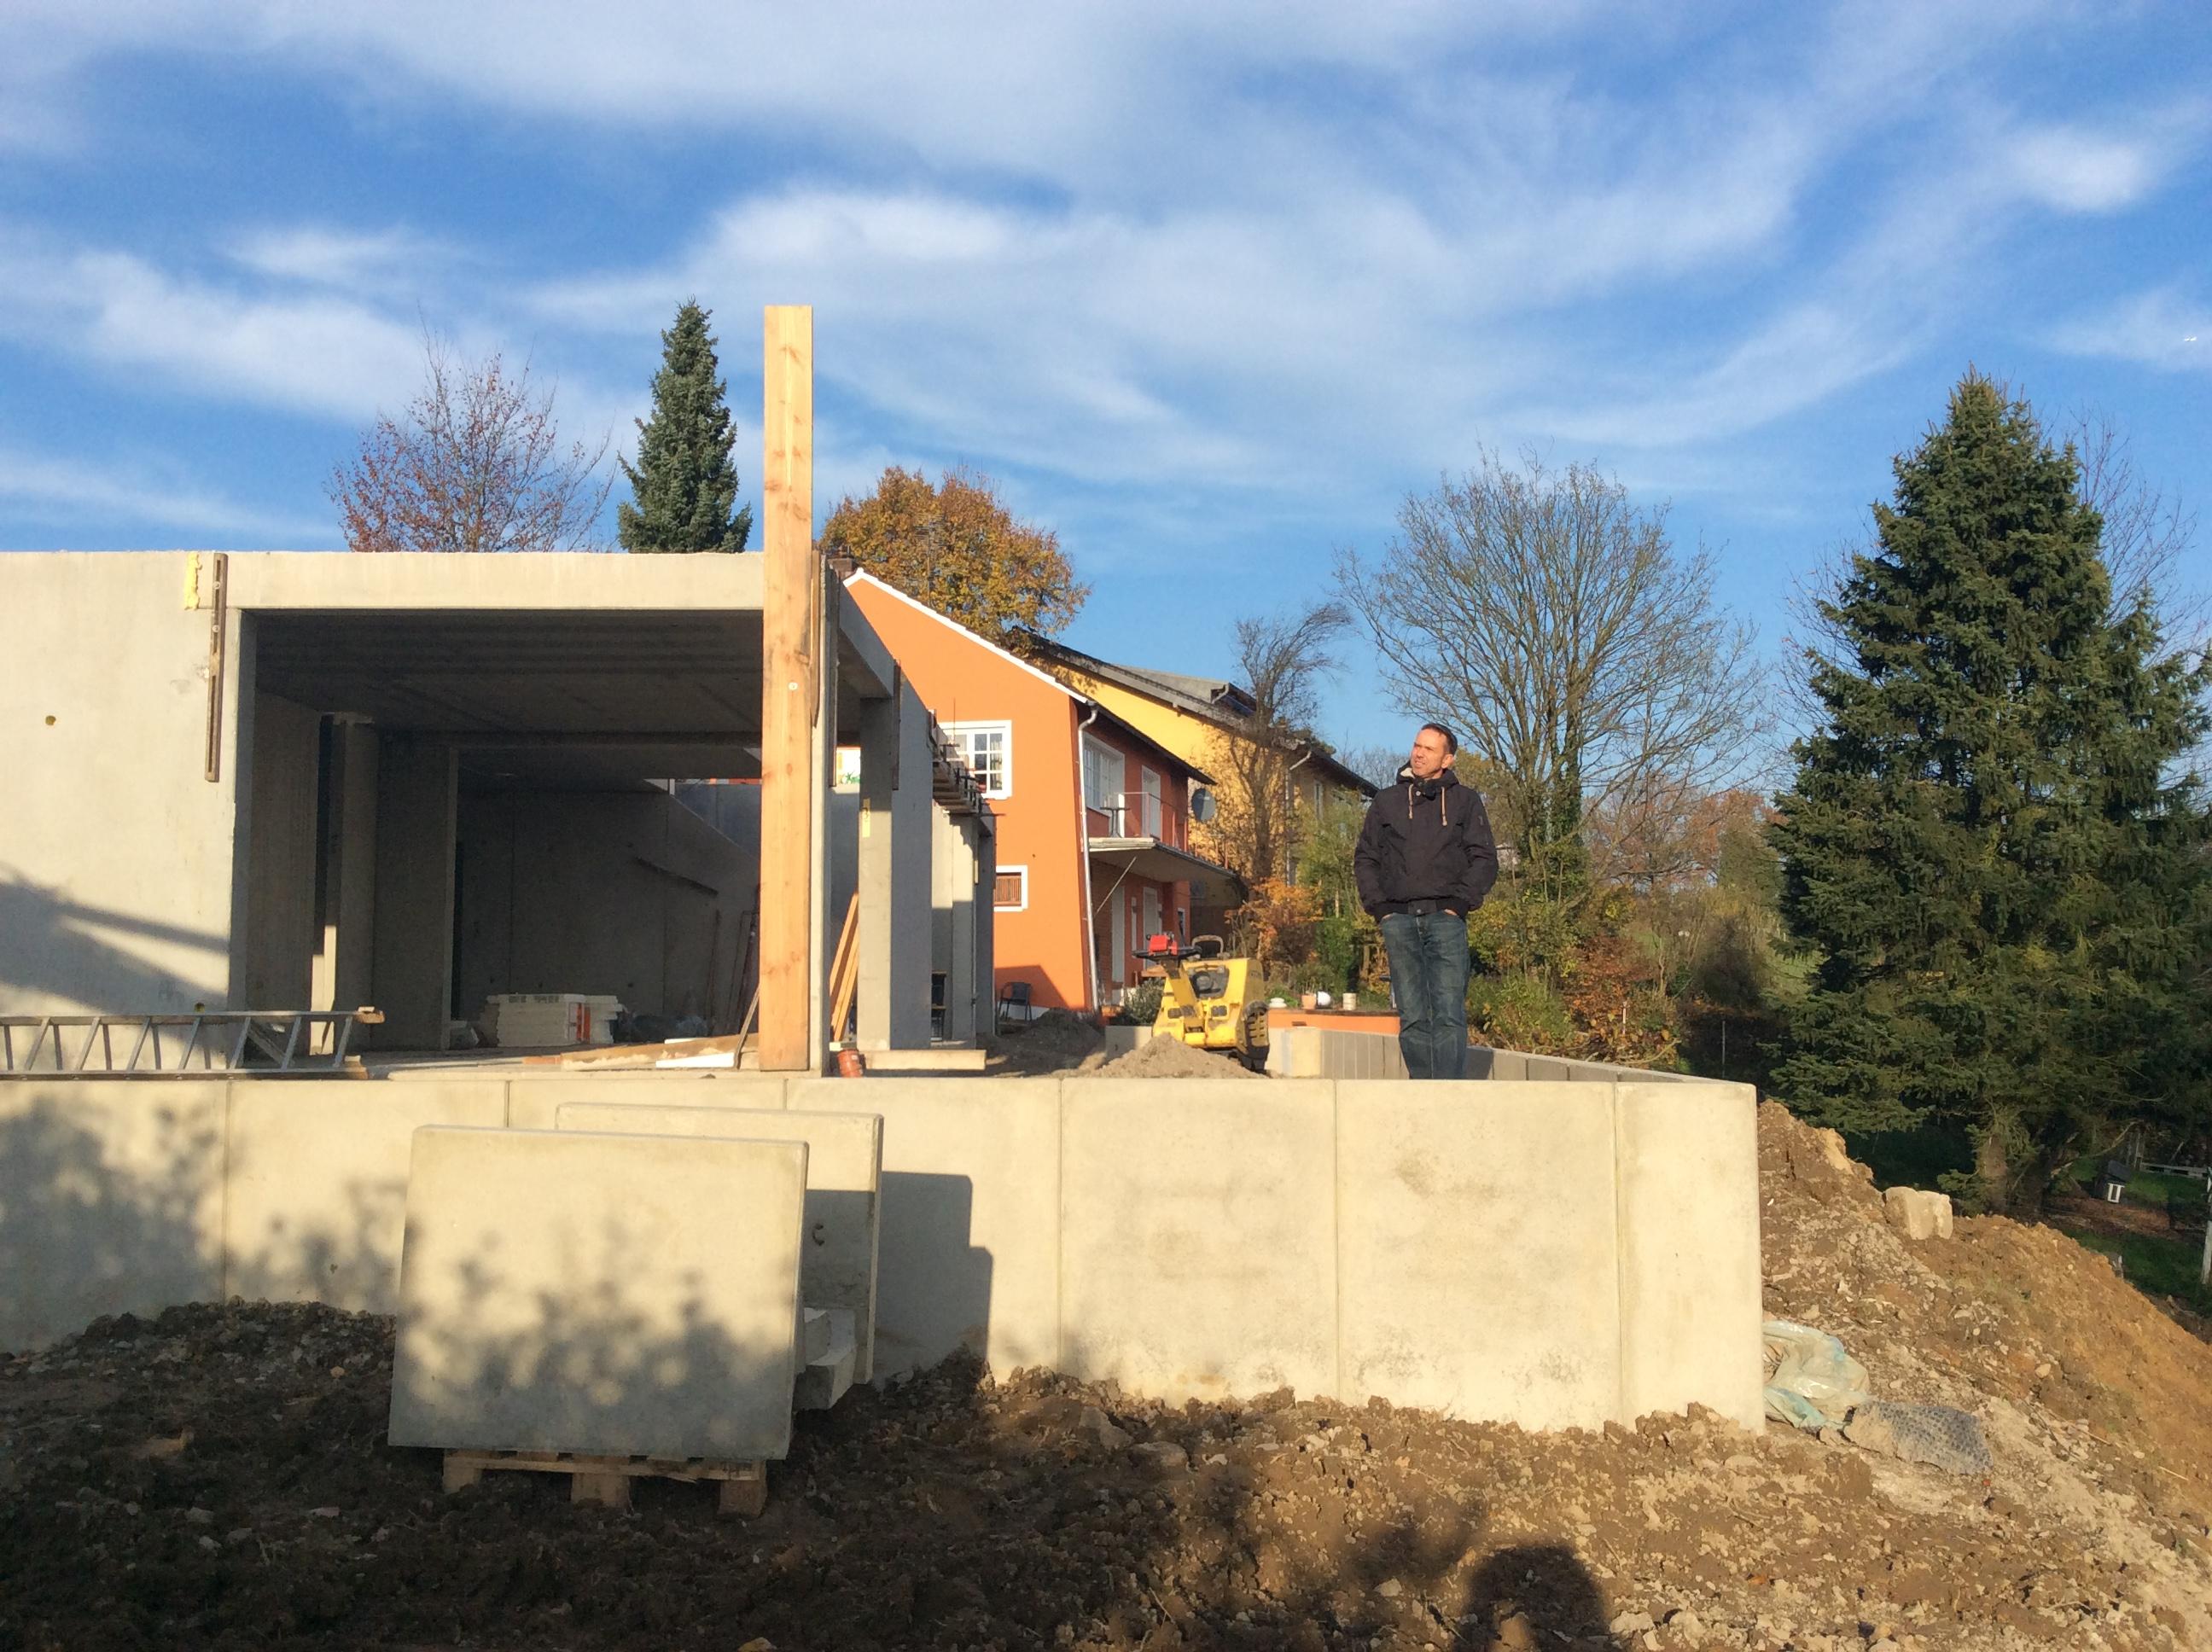 Terrasse Erde Und Beton Bauhaus Mit Kernhaus